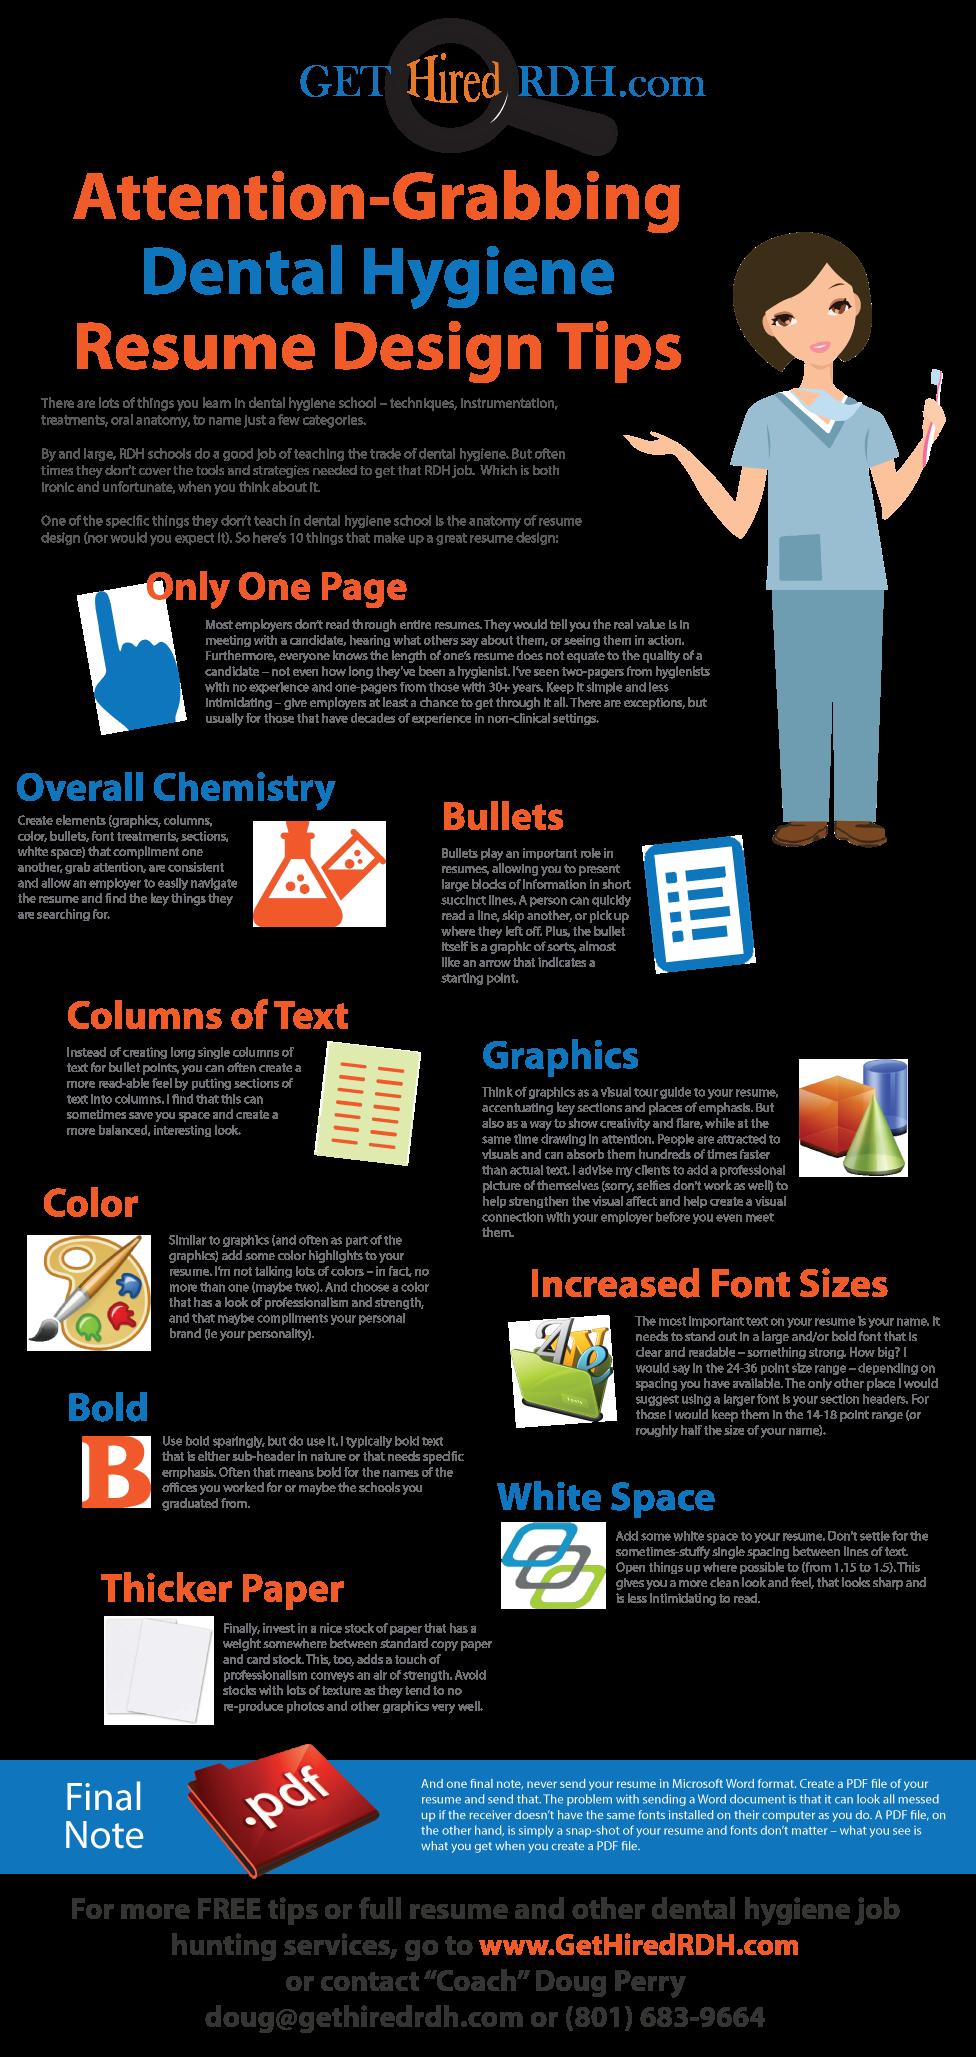 Attentiongrabbing dental hygiene resume design tips. www